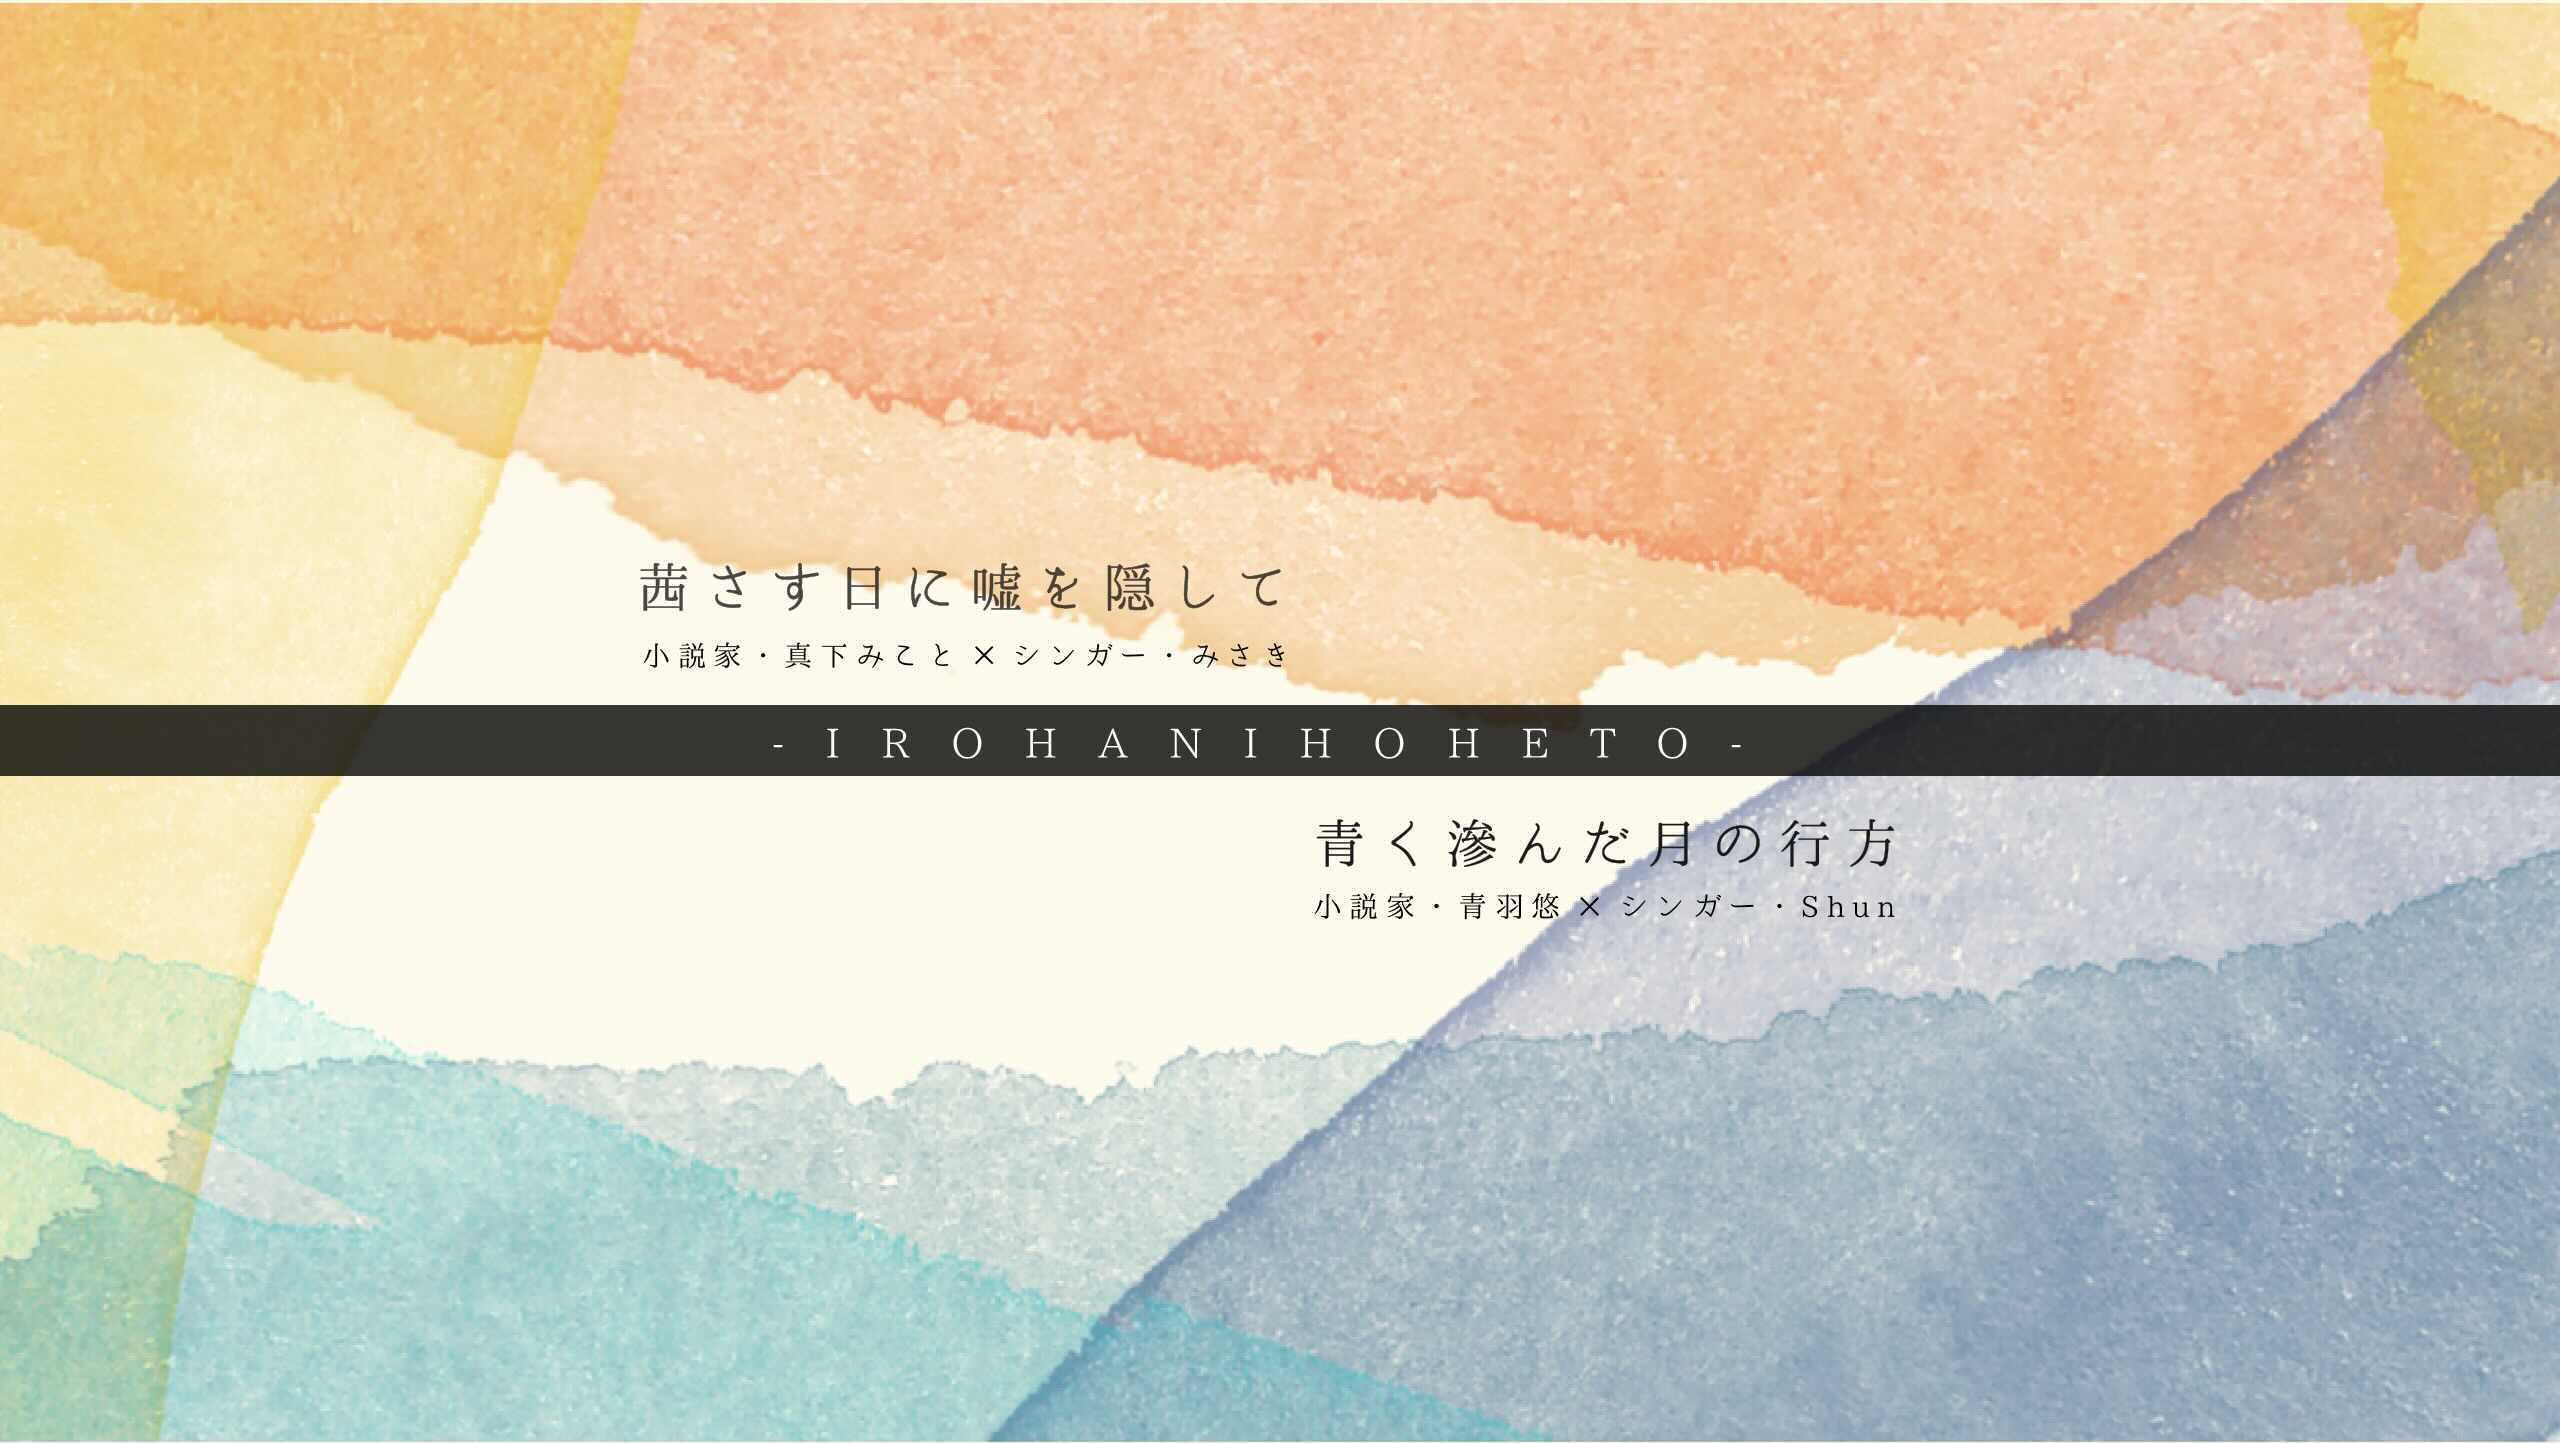 累計再生回数25万回超の注目デュオ2組が、新曲のリリースを発表!